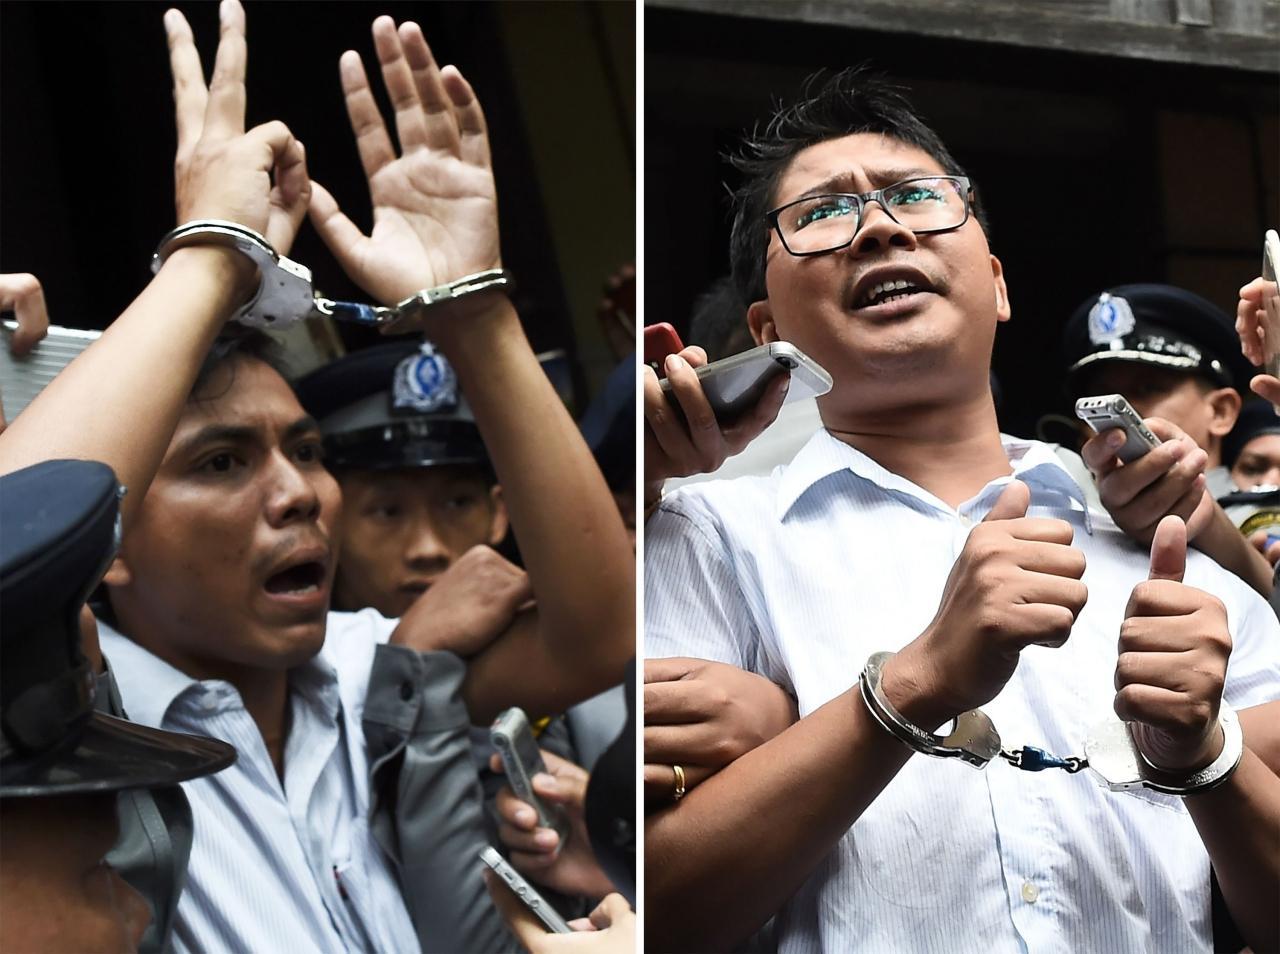 นายจ่อโซ อู (ซ้าย) และวา โลน (ขวา) สองนักข่าวรอยเตอร์ถูกศาลตัดสินจำคุกคนละ 7ปี